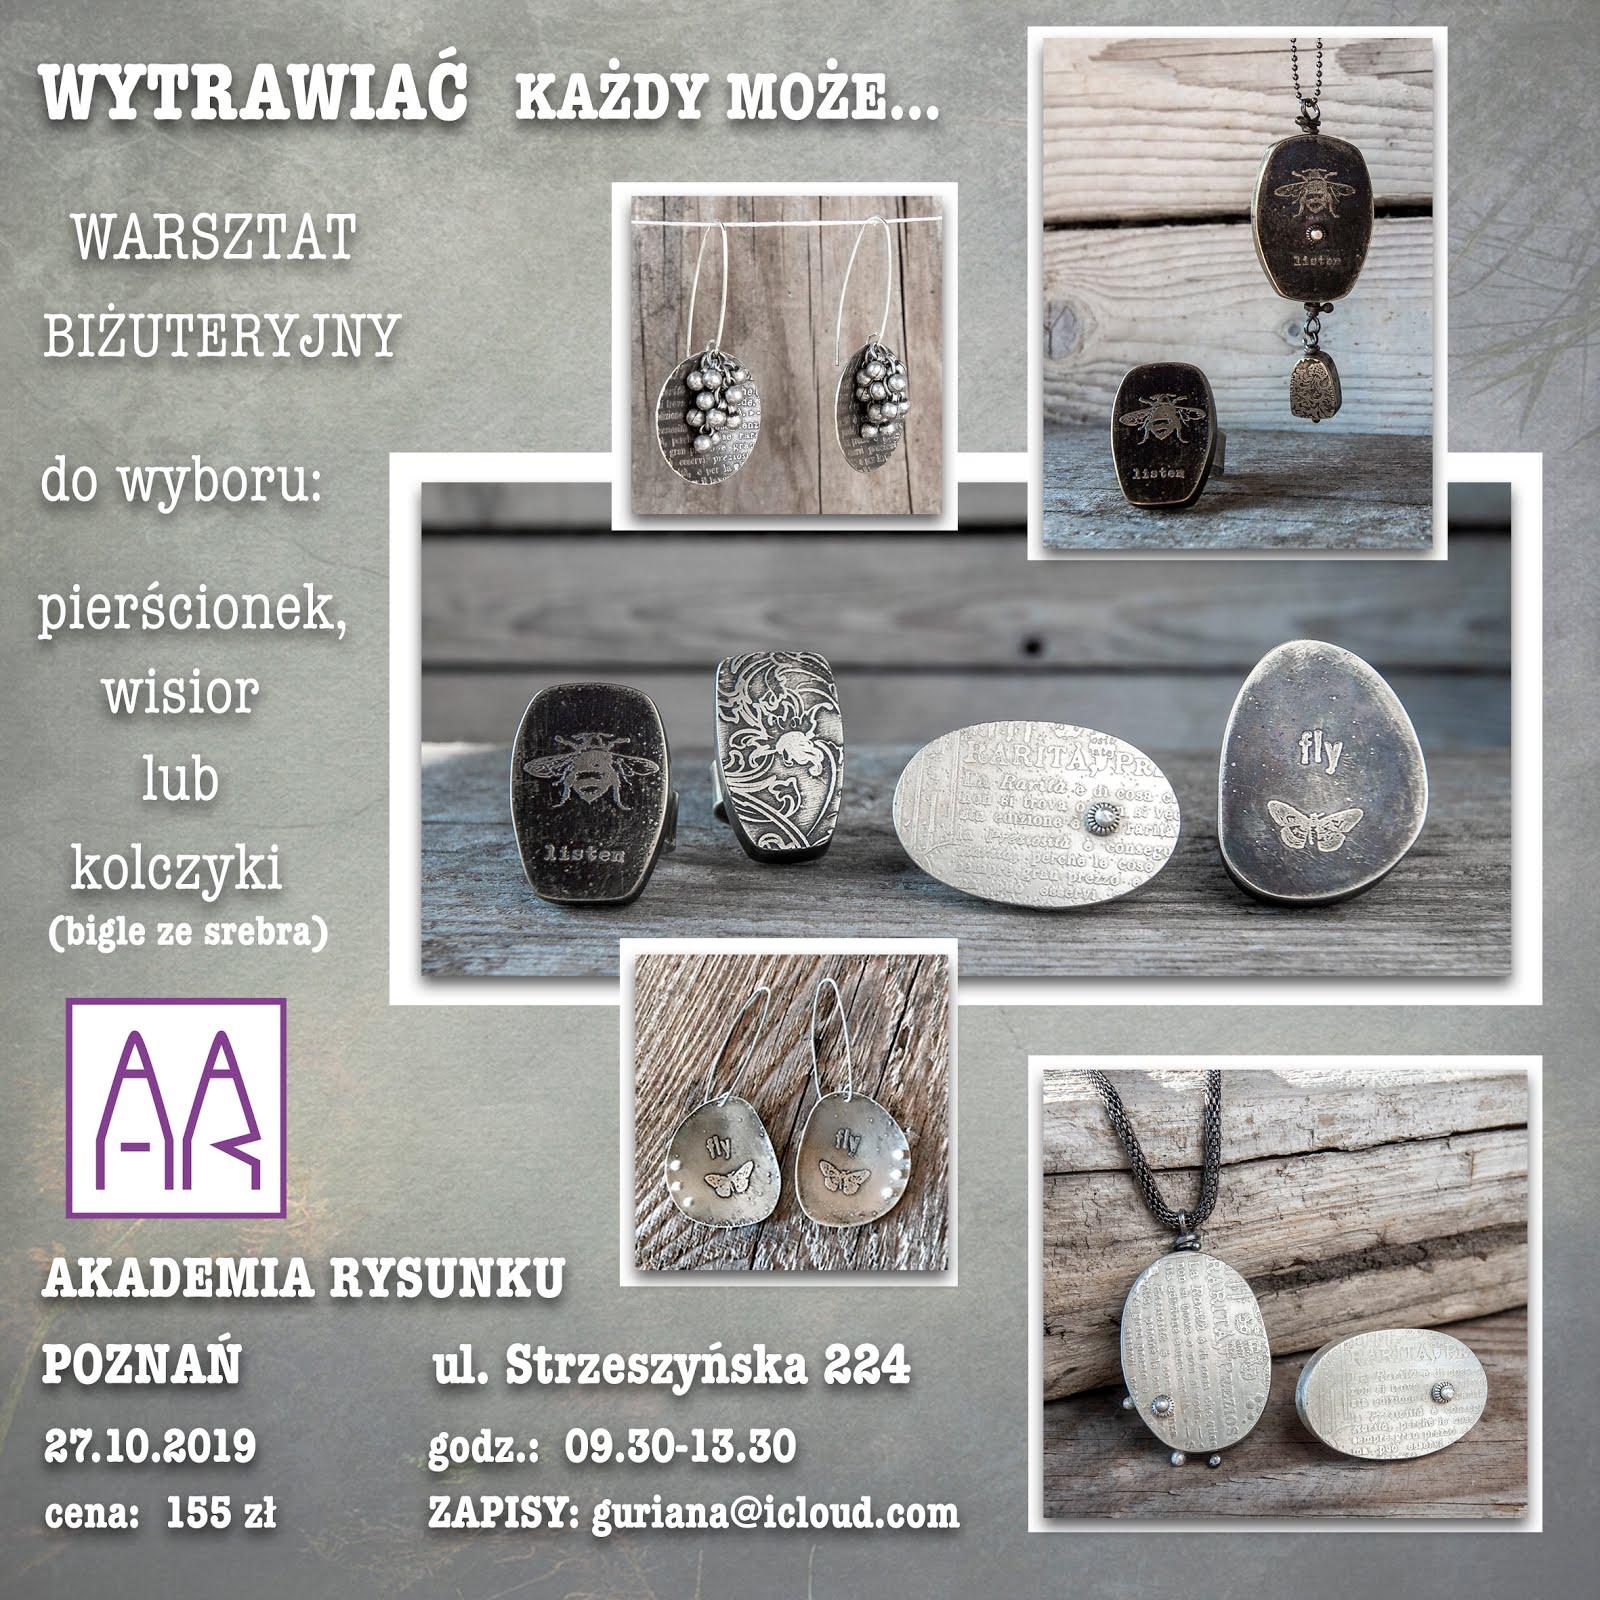 Poznań warsztat biżuteryjny Wytrawiać każdy może